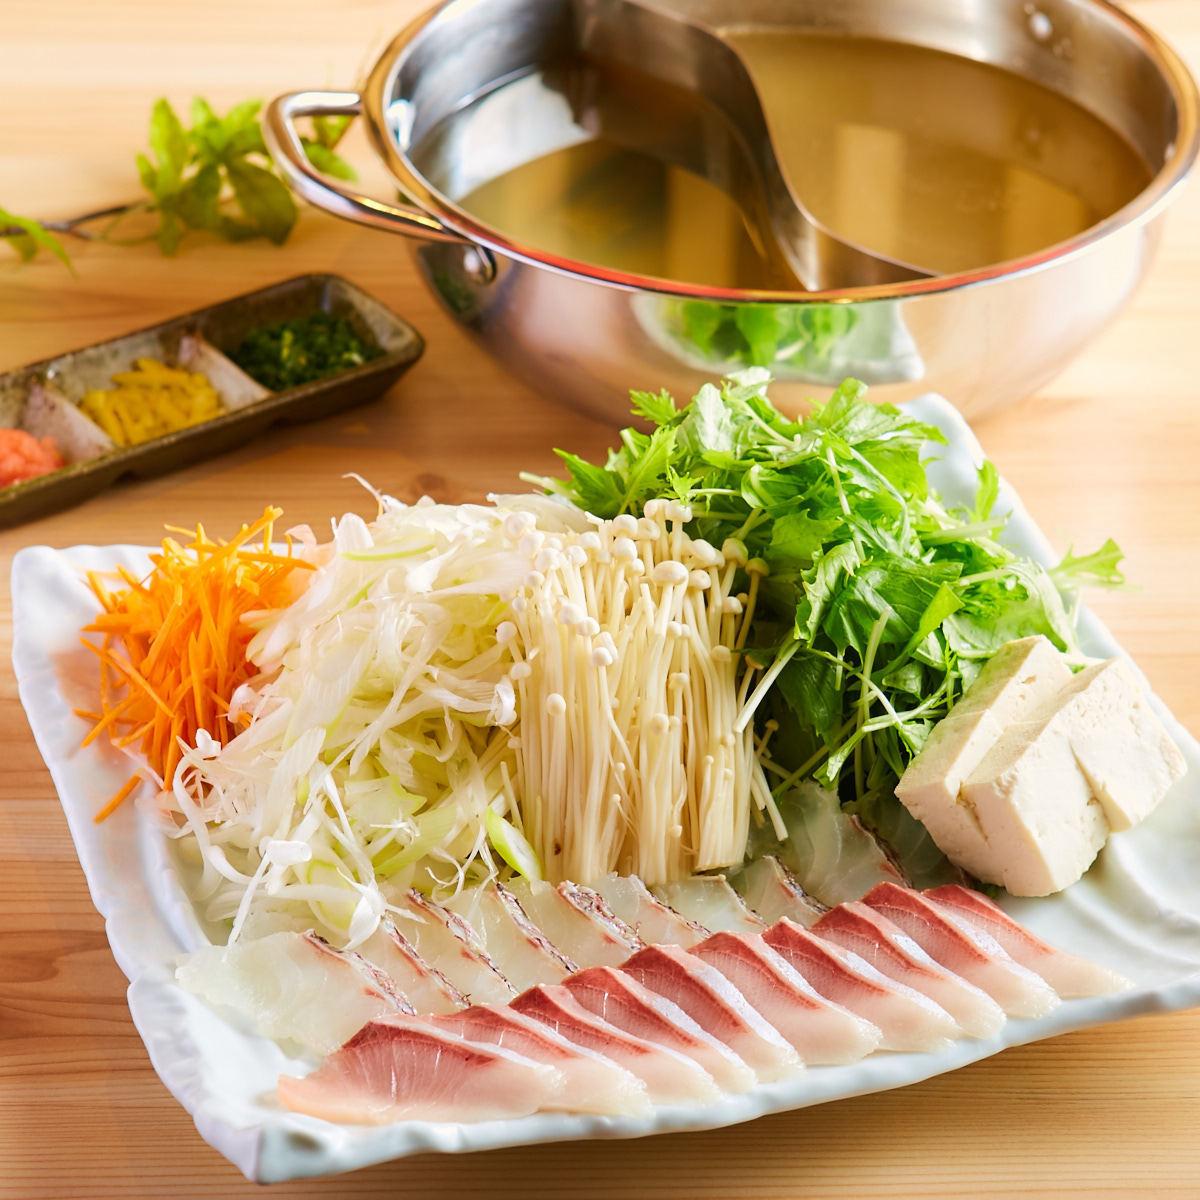 涮涮鍋配海鯛和番茄